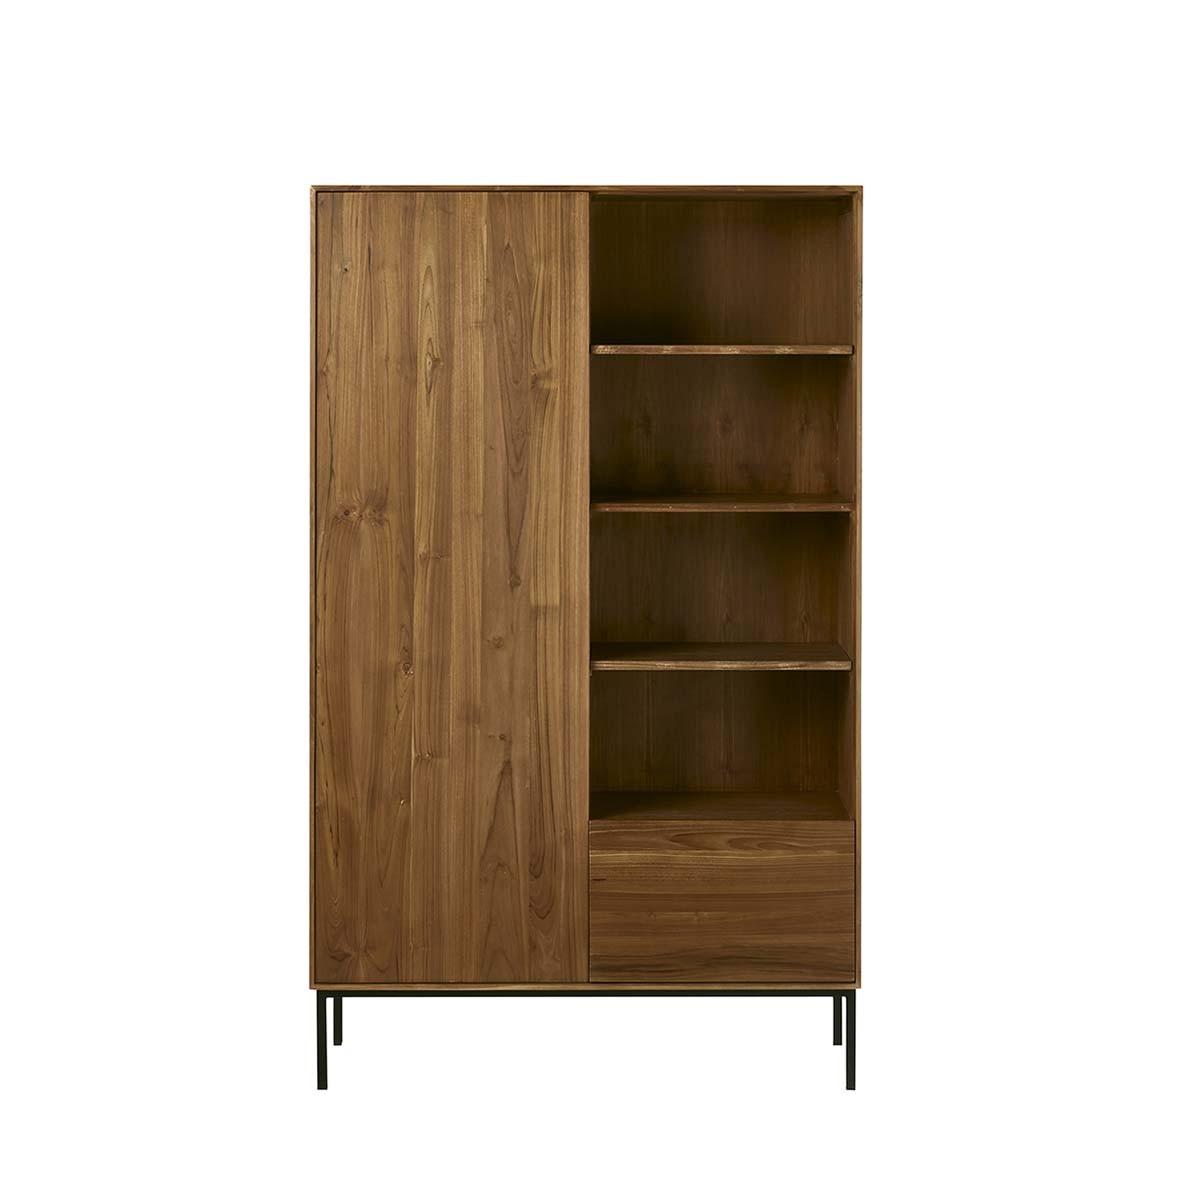 Armoire 1 porte 1 tiroir et 3 étagères en teck et métal (photo)